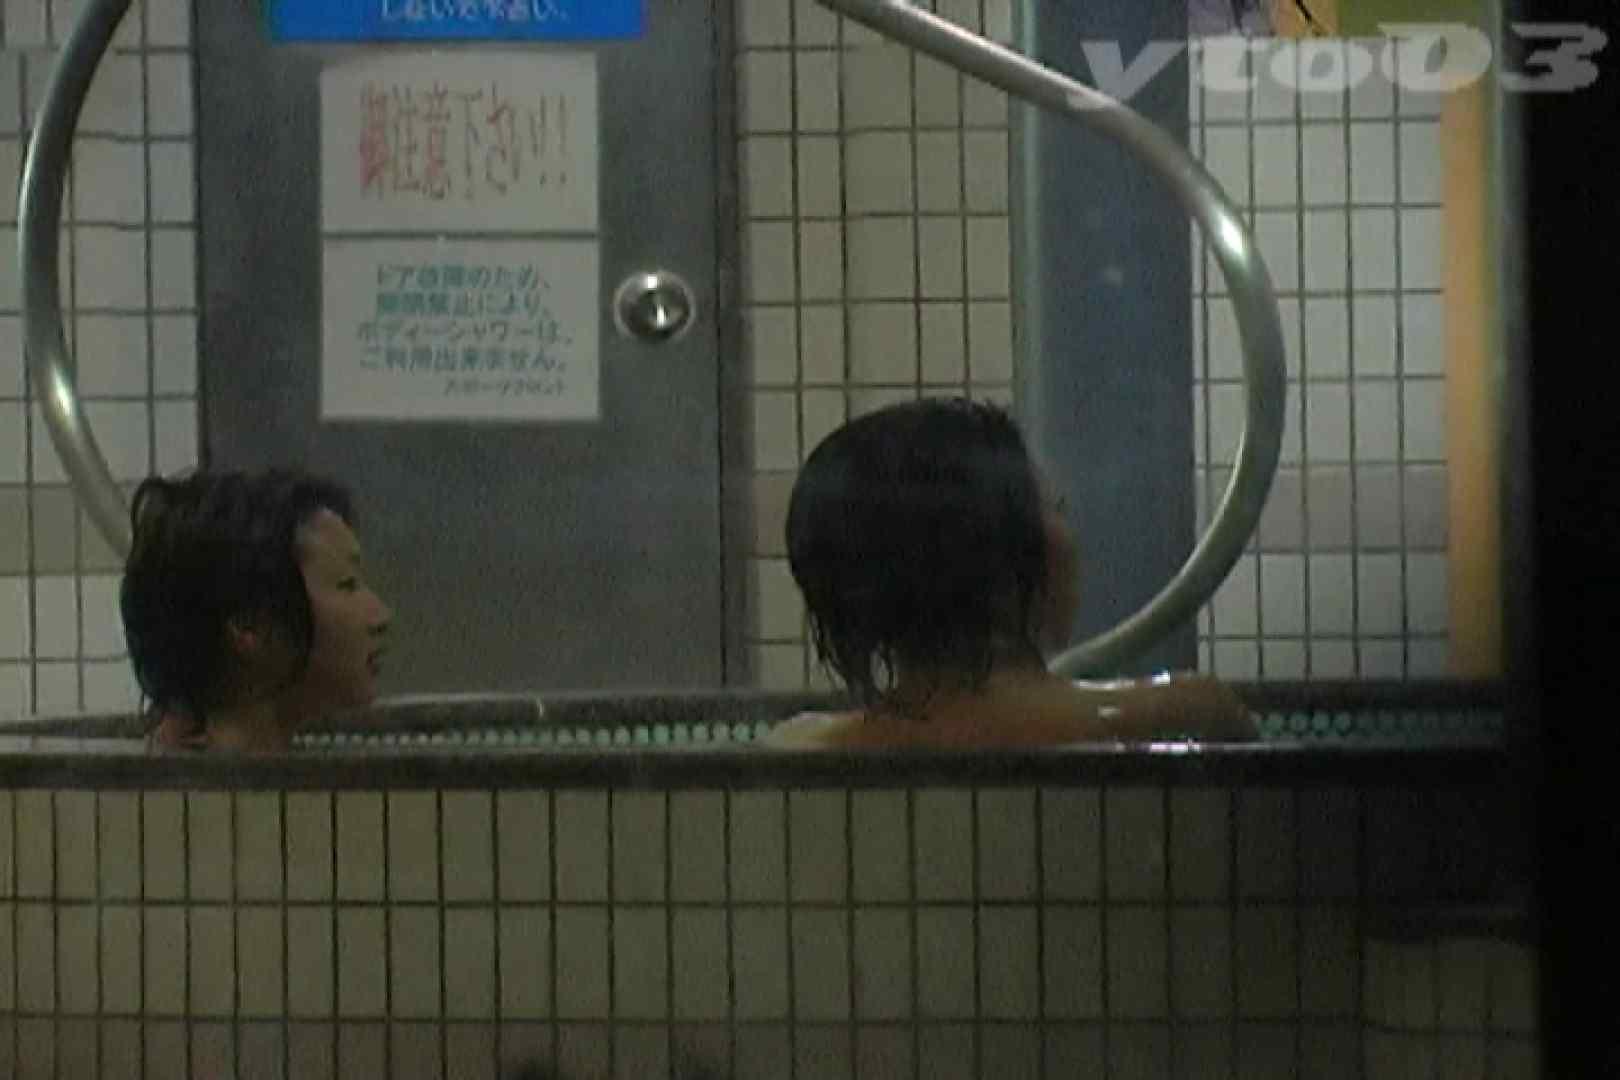 ▲復活限定▲合宿ホテル女風呂盗撮 Vol.21 盗撮 盗み撮り動画キャプチャ 72PIX 56